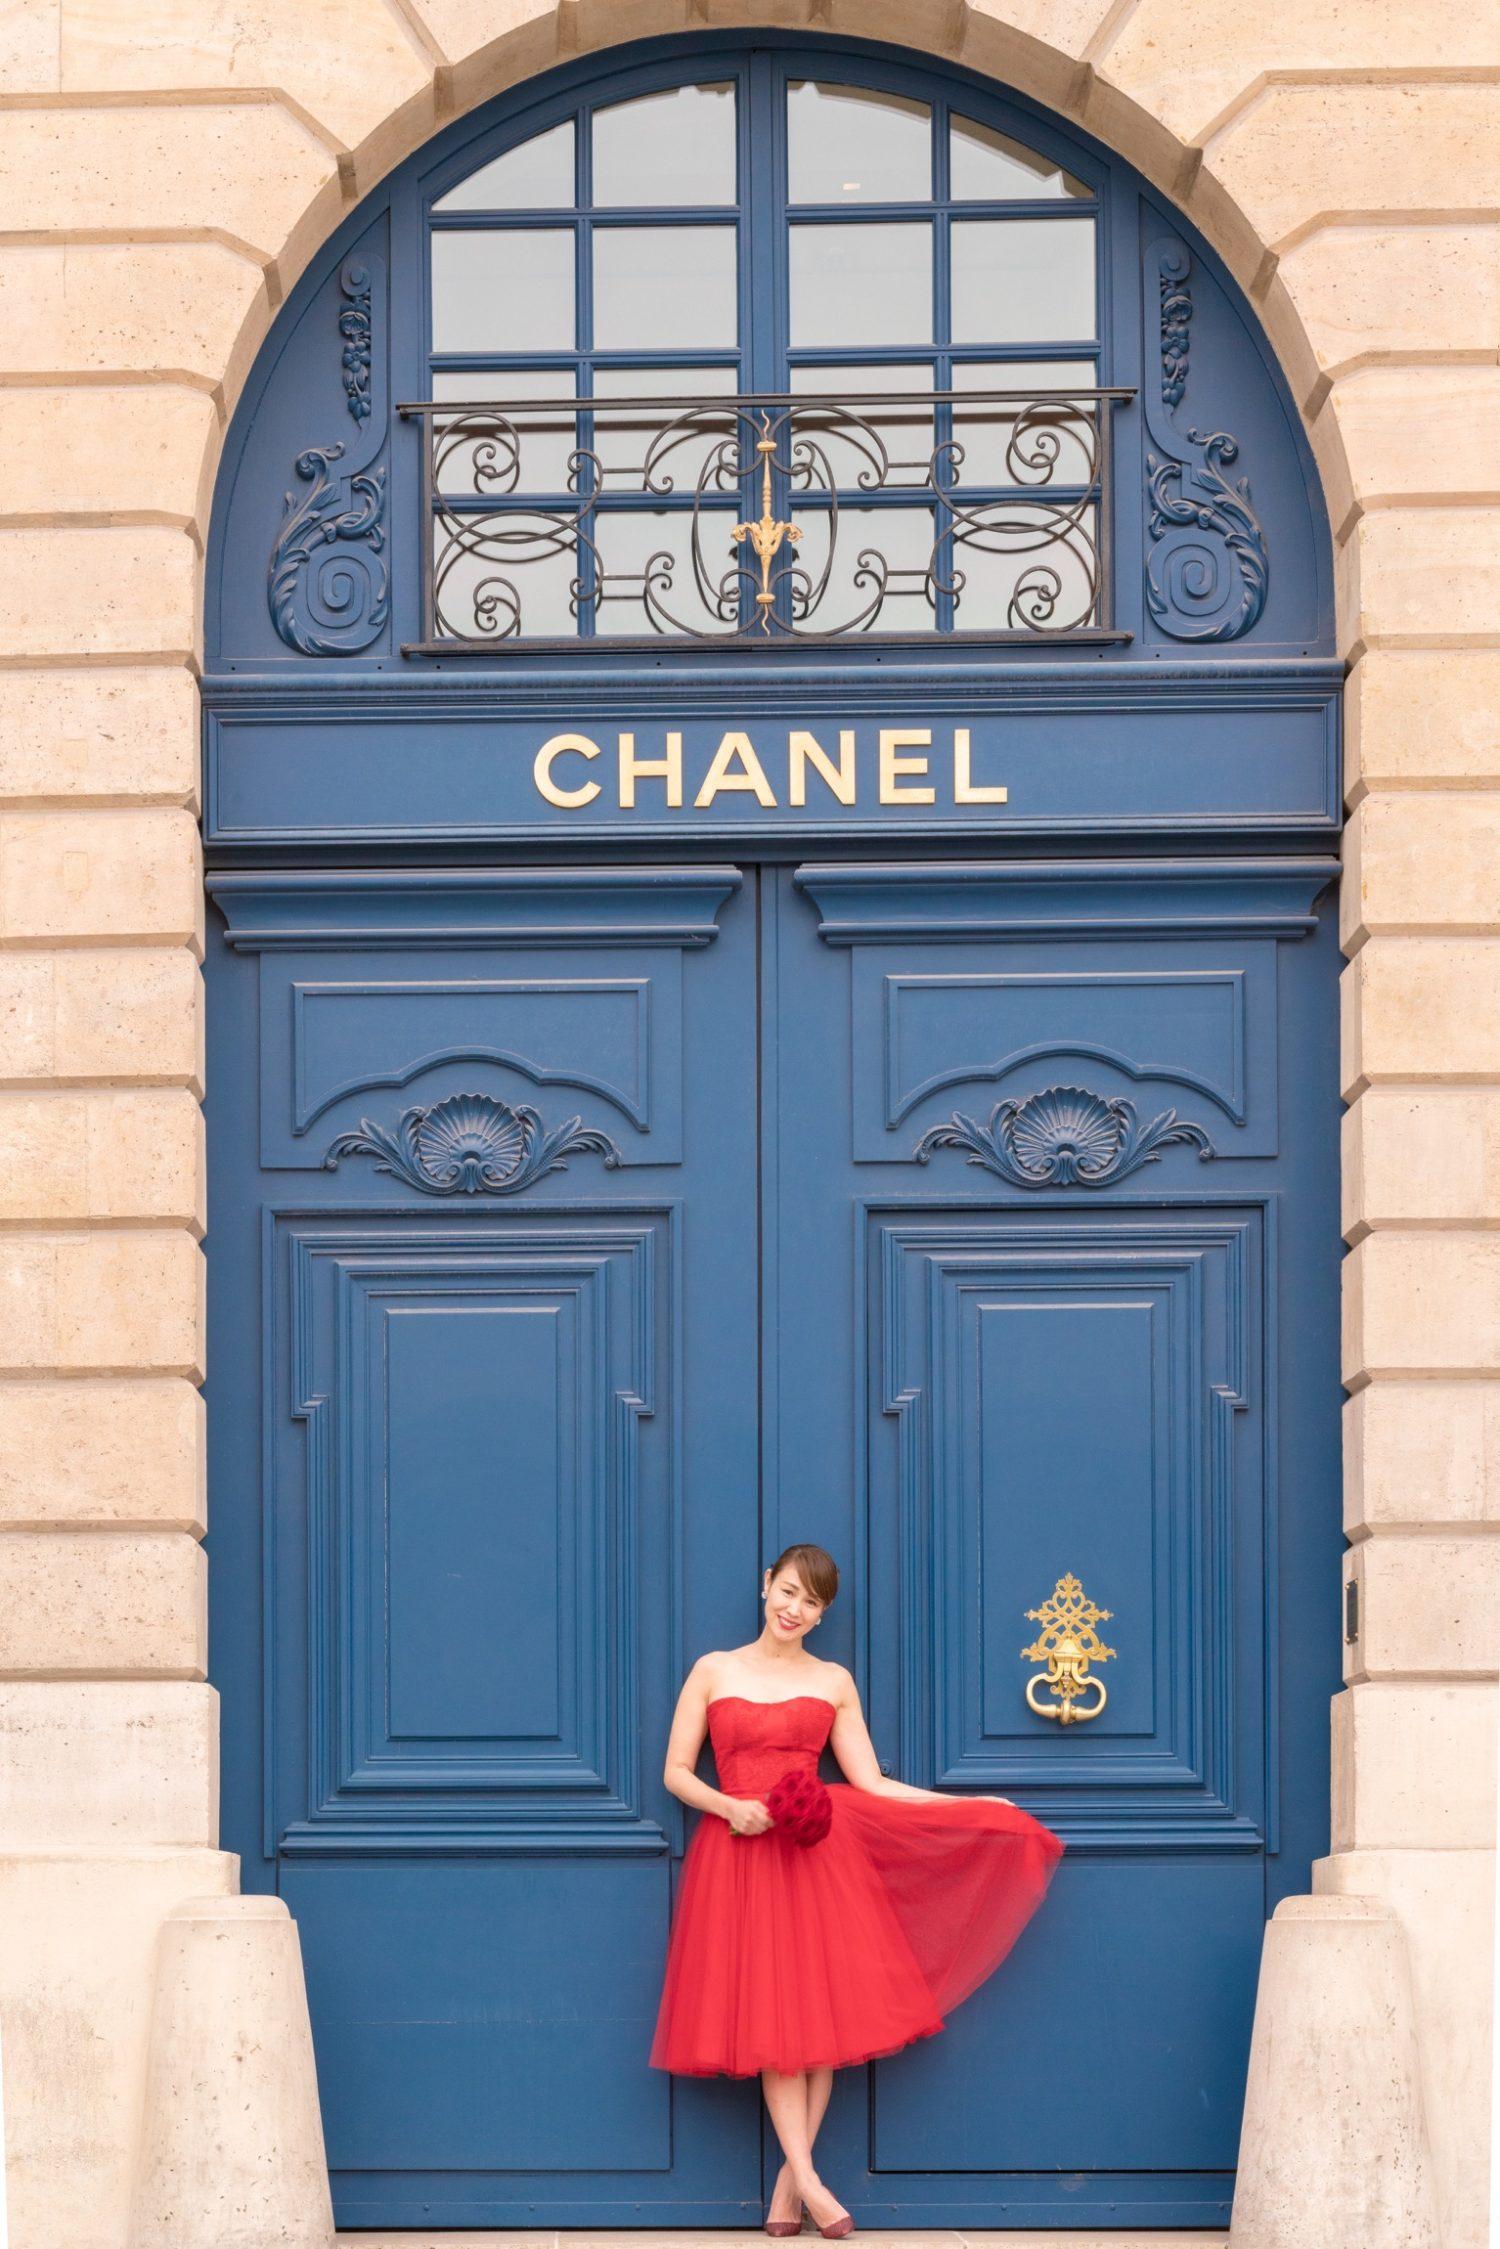 シャネル・パリ店前で花嫁のソロウェディングフォト